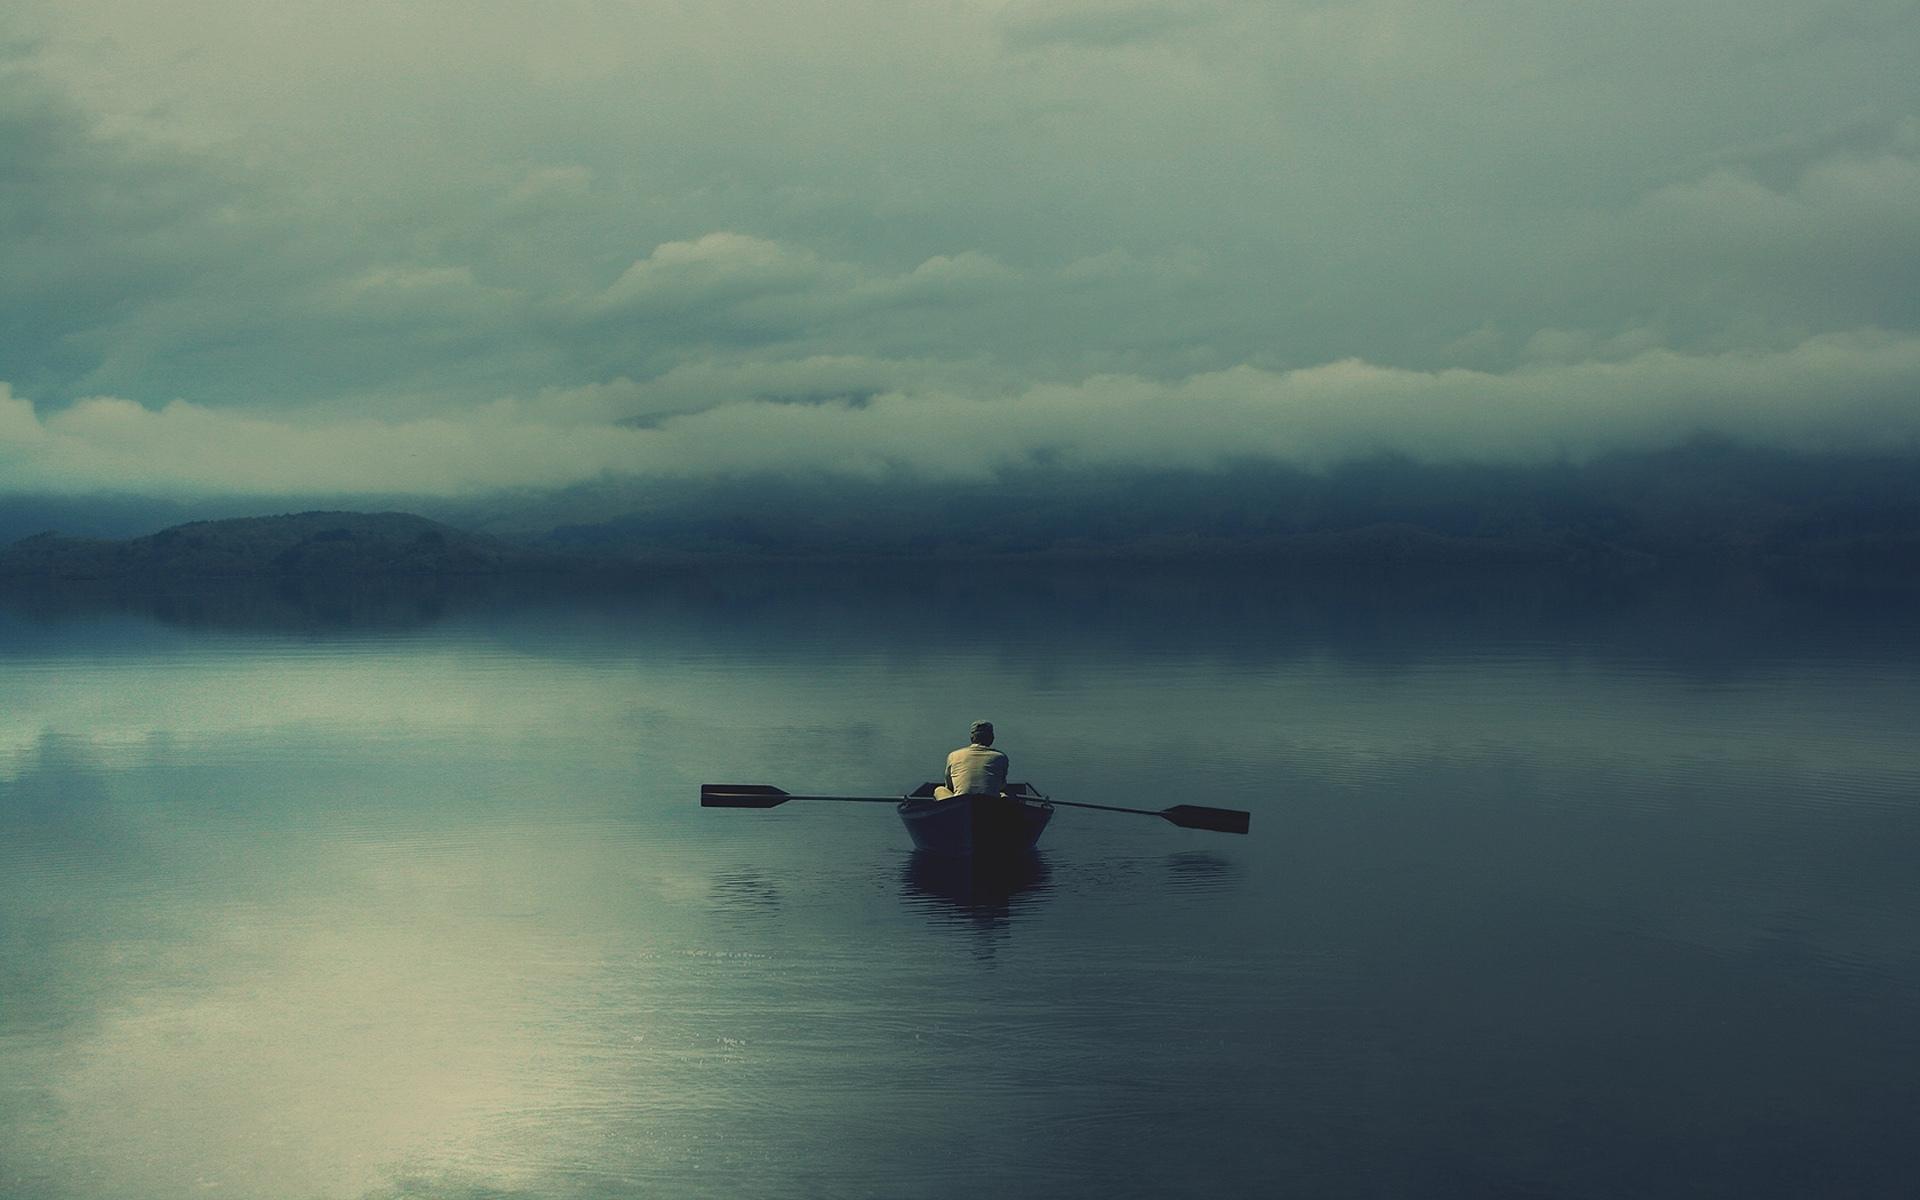 Скачать картинку Мужчины, Лодки, Река, Пейзаж, Люди в телефон бесплатно.